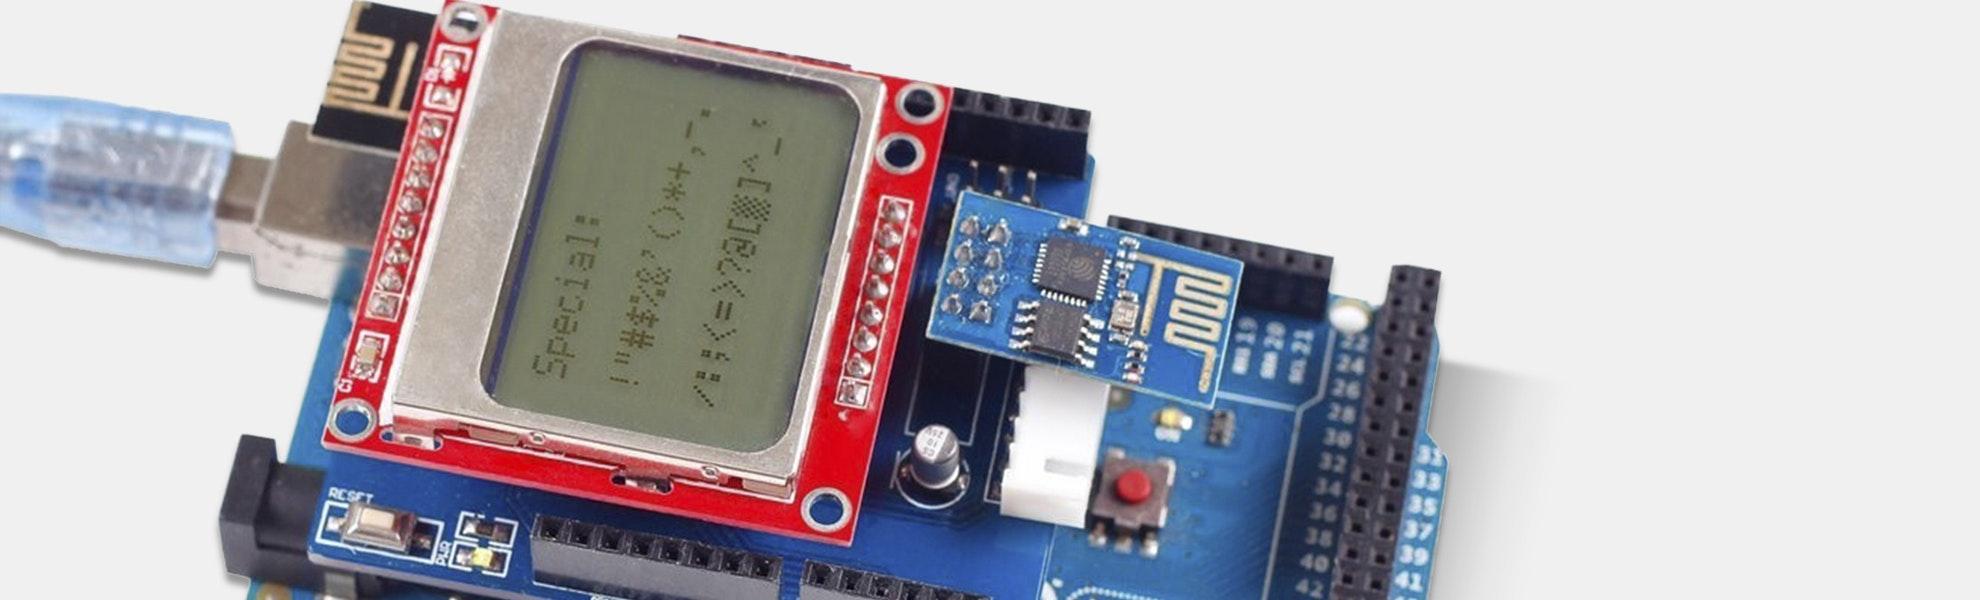 SunFounder IoT Shields Kit for Arduino